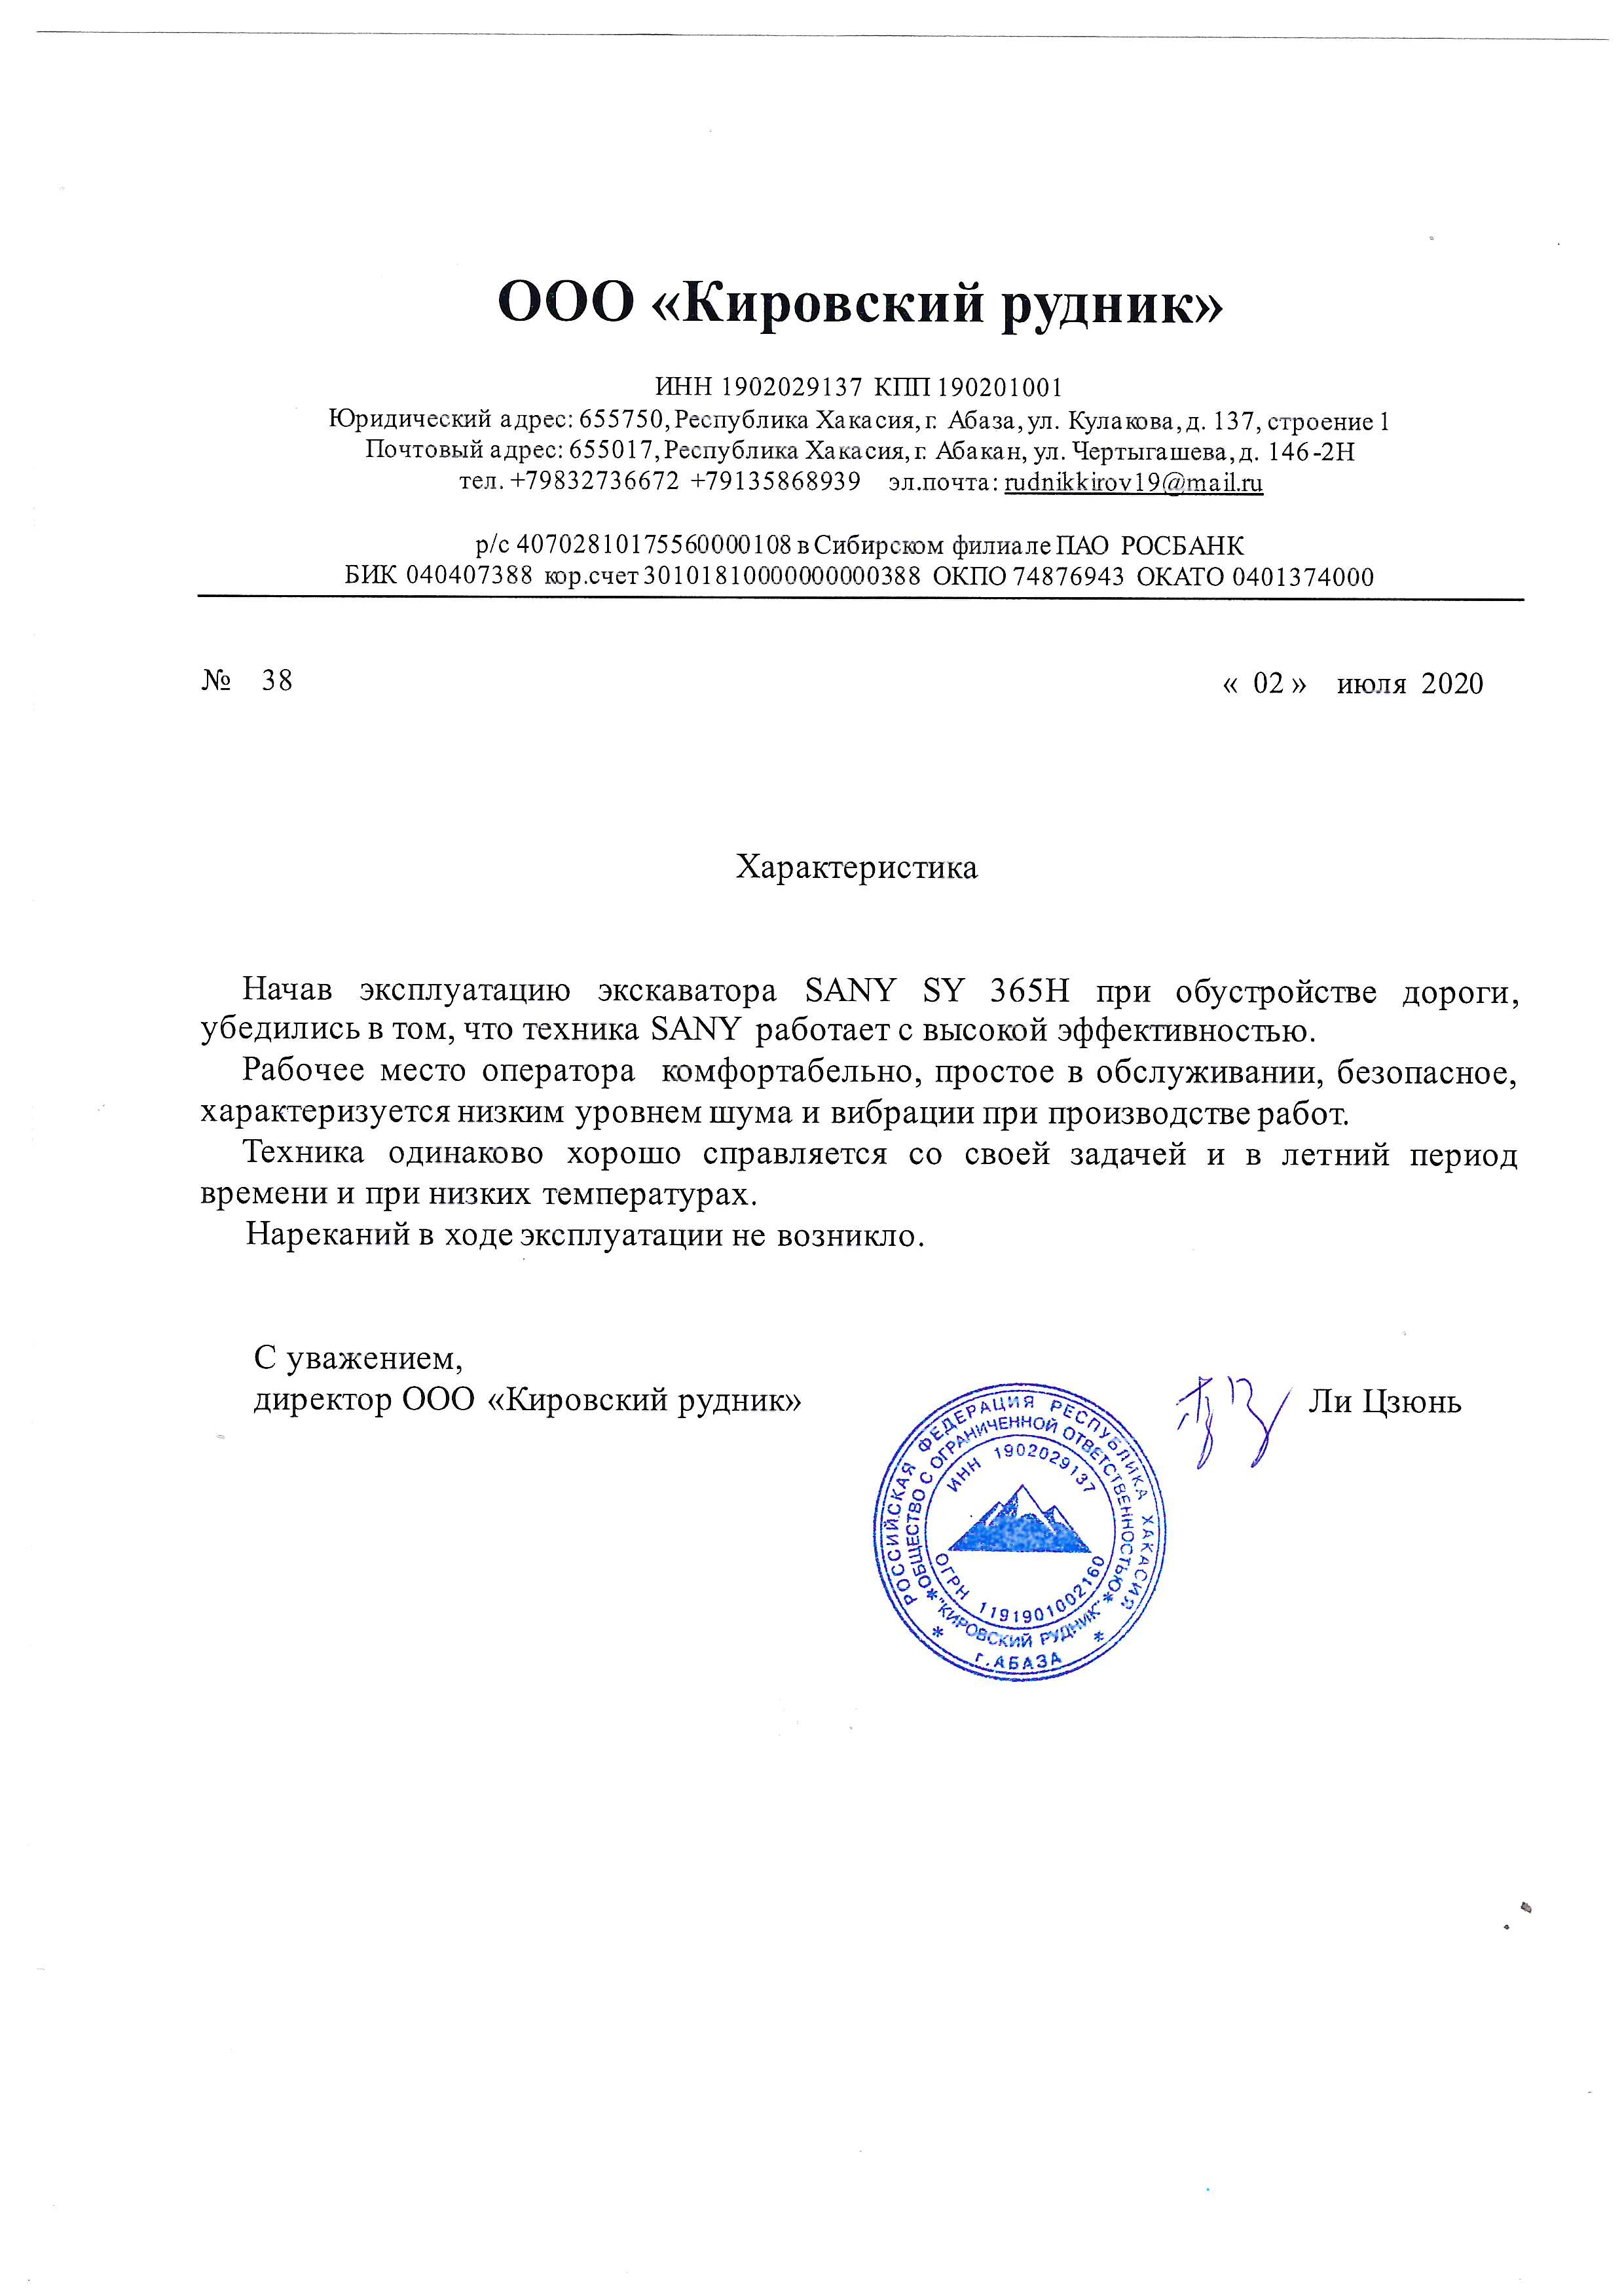 Отзыв компании ООО «Кировский рудник»